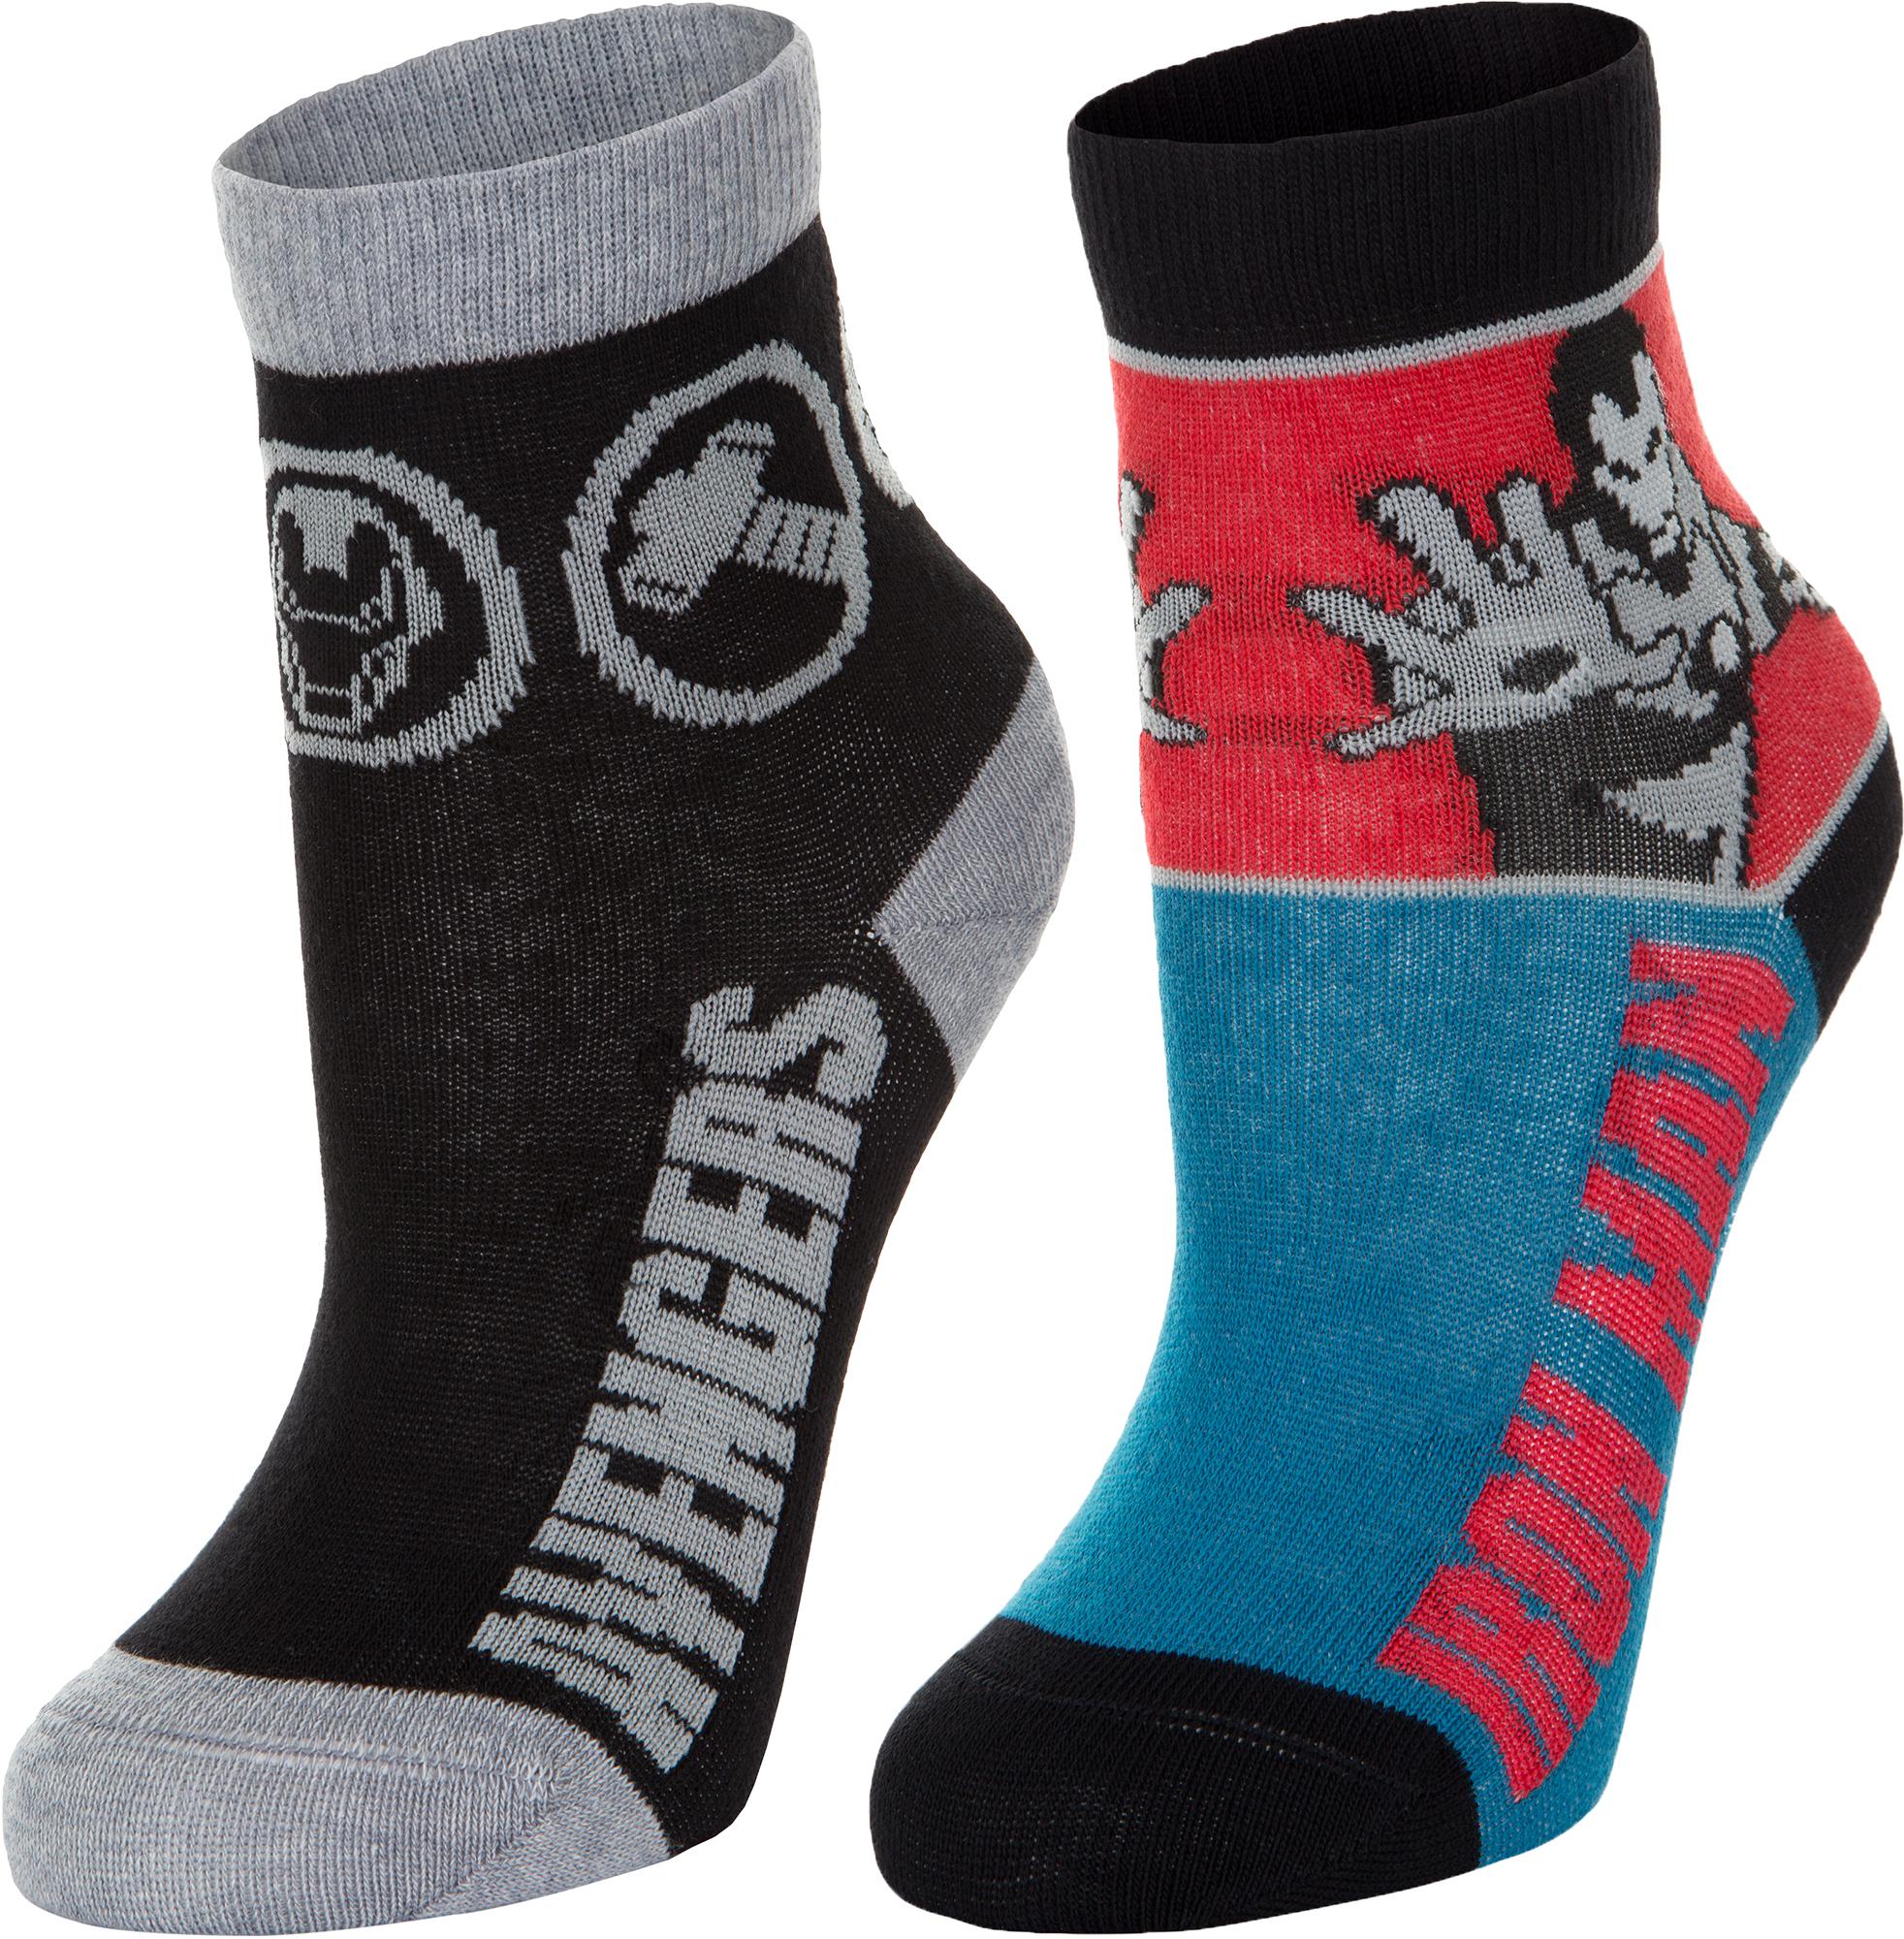 белье acoola носки детские 2 пары цвет ассорти размер 16 18 32114420052 Demix Носки для мальчиков Demix, 2 пары, размер 34-36